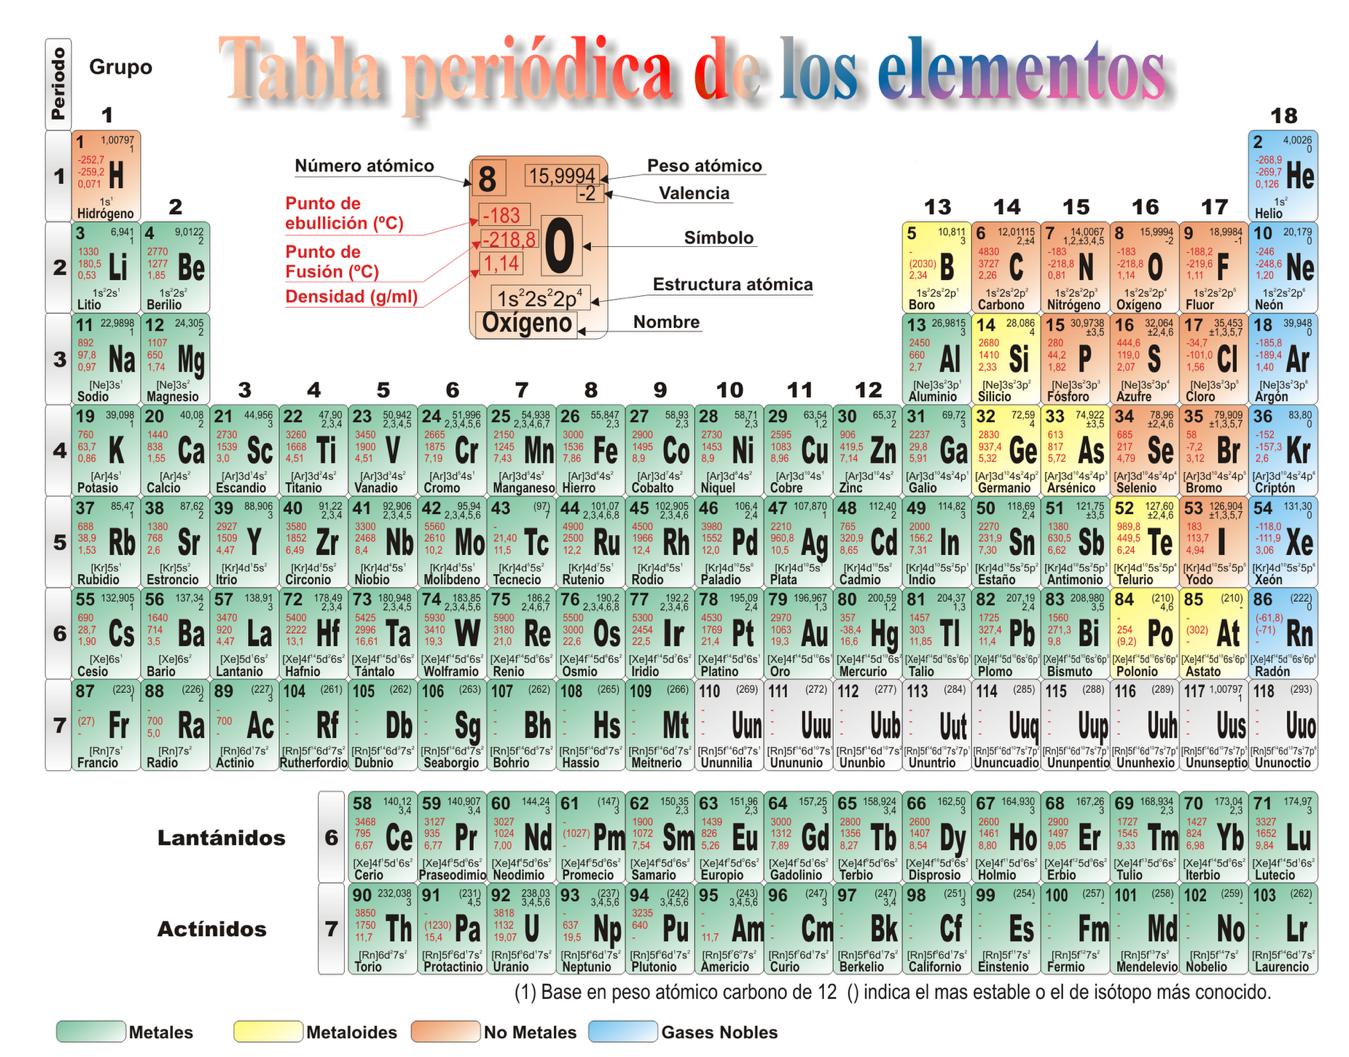 Imagenes de la tabla periodica pdftabla periodica de los elementos cdr imagenes de la tabla periodica urtaz Gallery